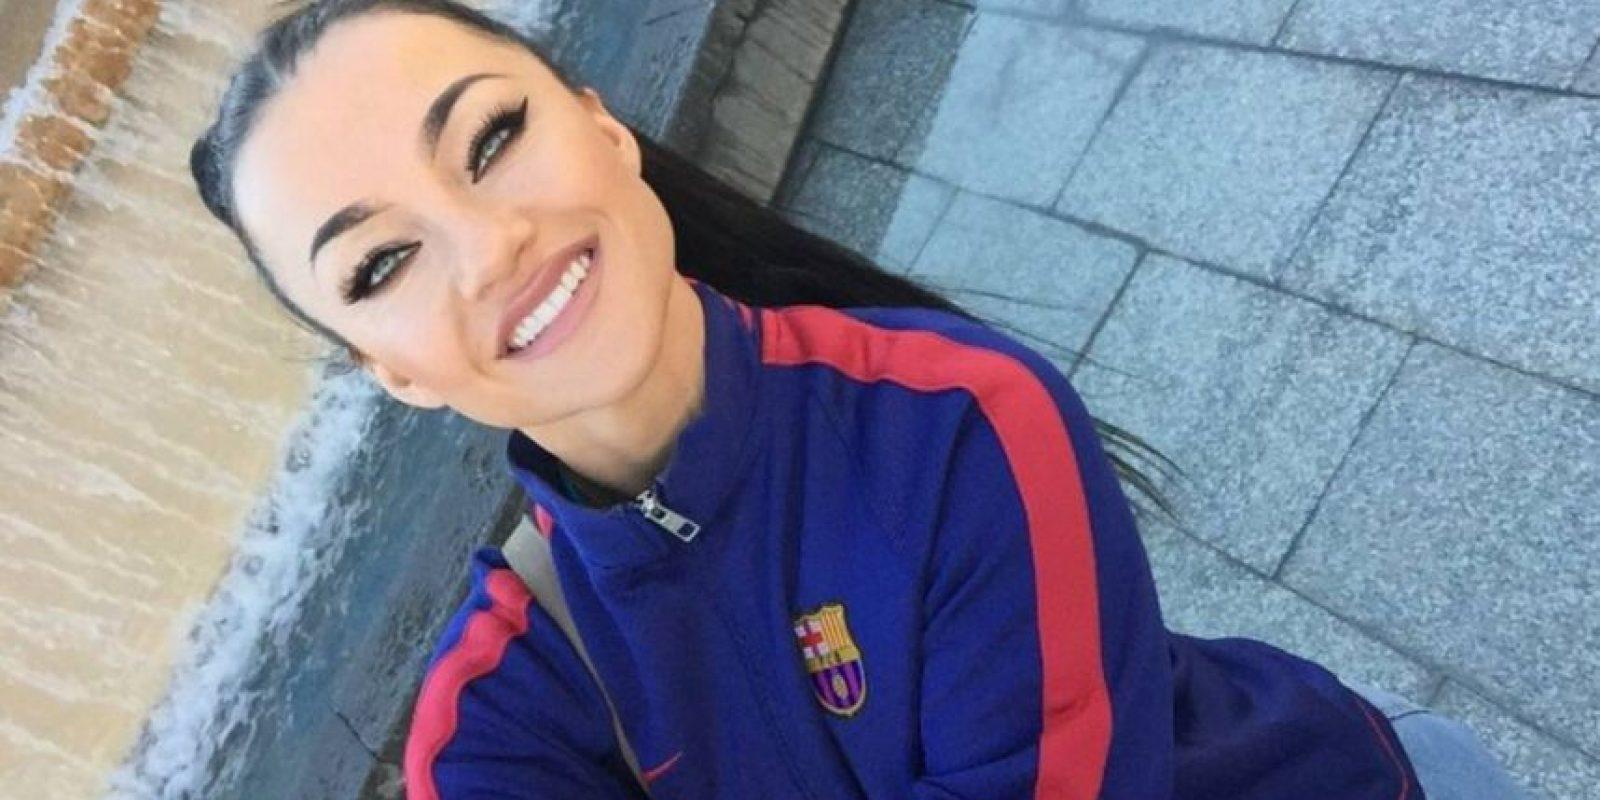 La modelo y playmate irlandesa acude al Camp Nou cada que puede, para apoyar a su equipo: El Barça. Foto:Vía instagram.com/playmate_kasiahalela_official